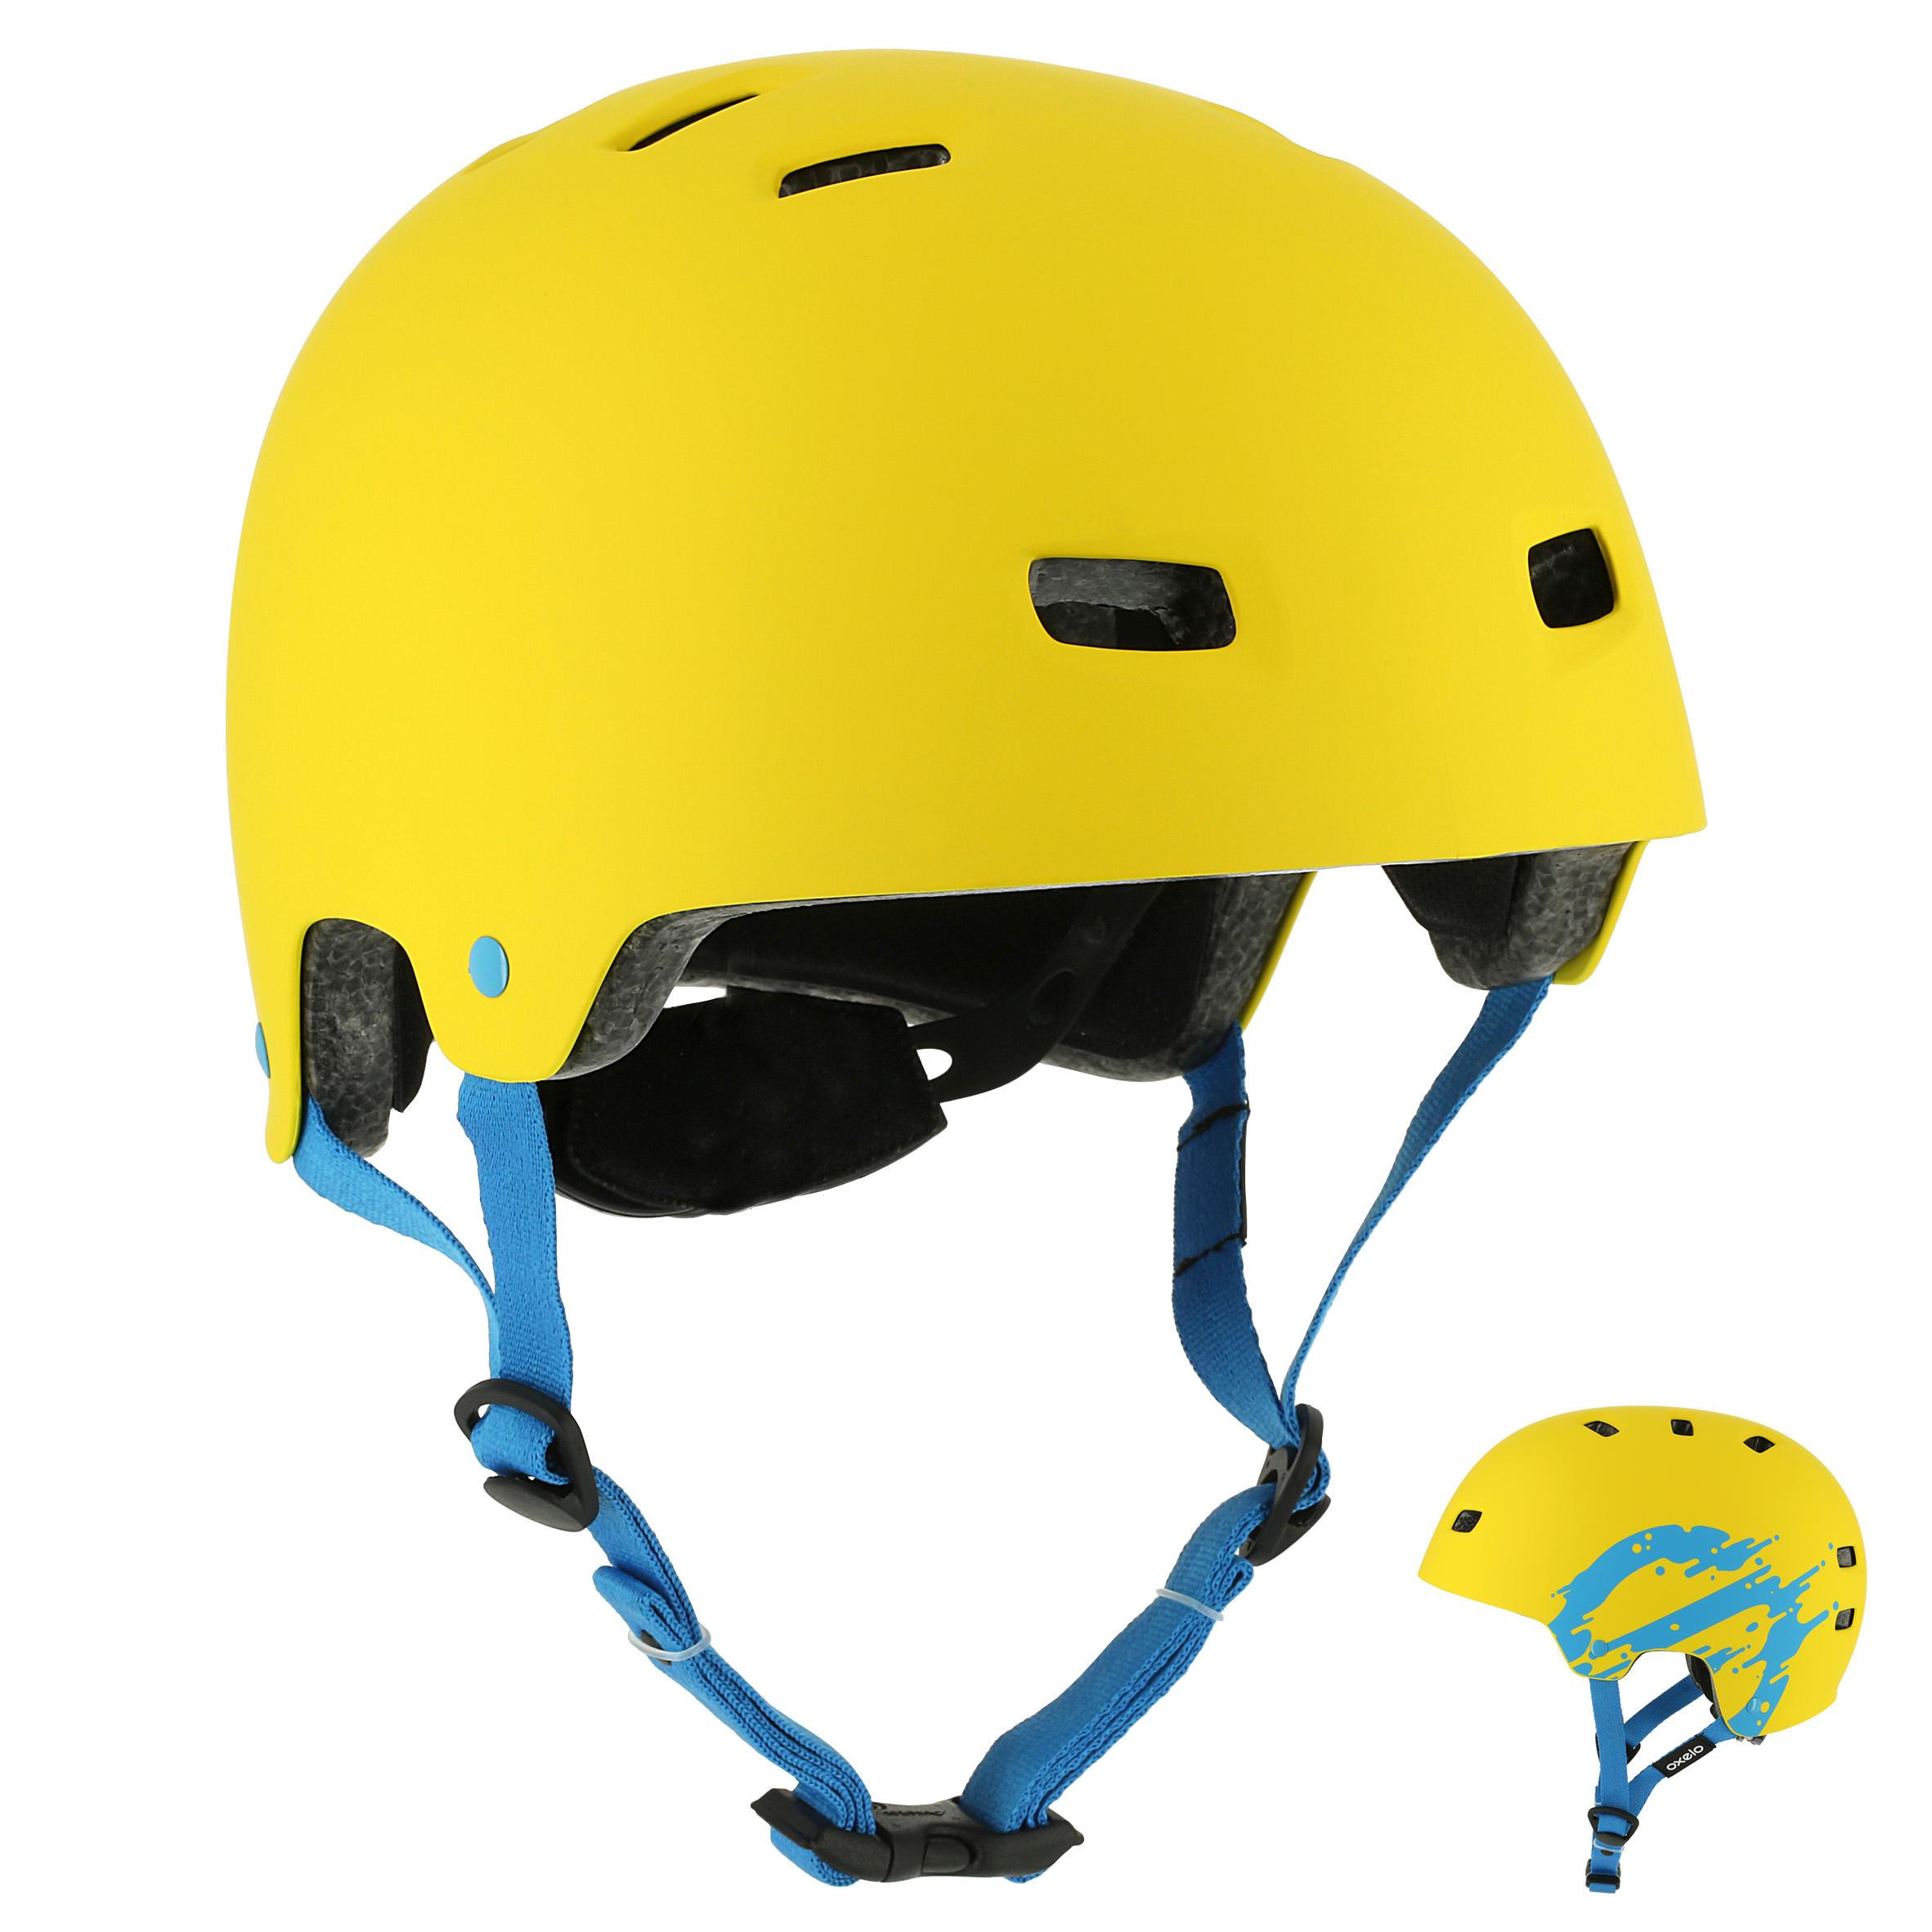 Helm MF 7 voor skeeleren skateboarden steppen fietsen